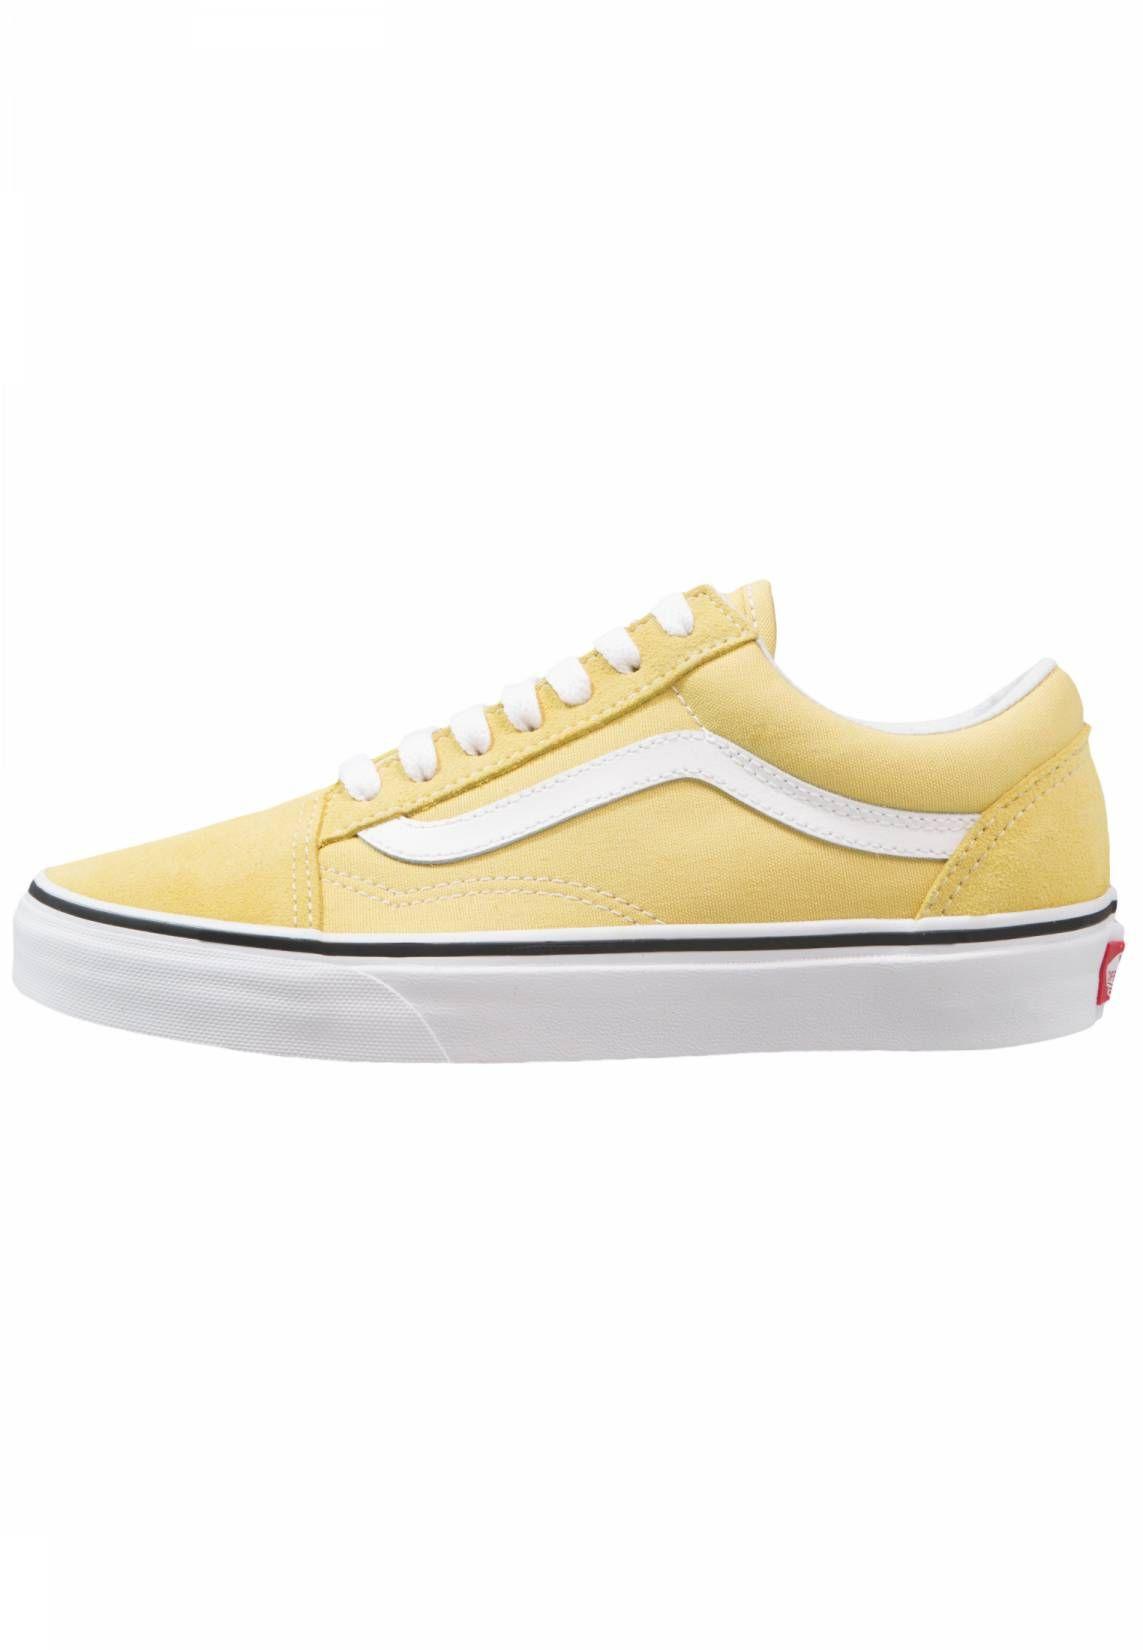 Vans. OLD SKOOL Sneakers laag dusky citrontrue white